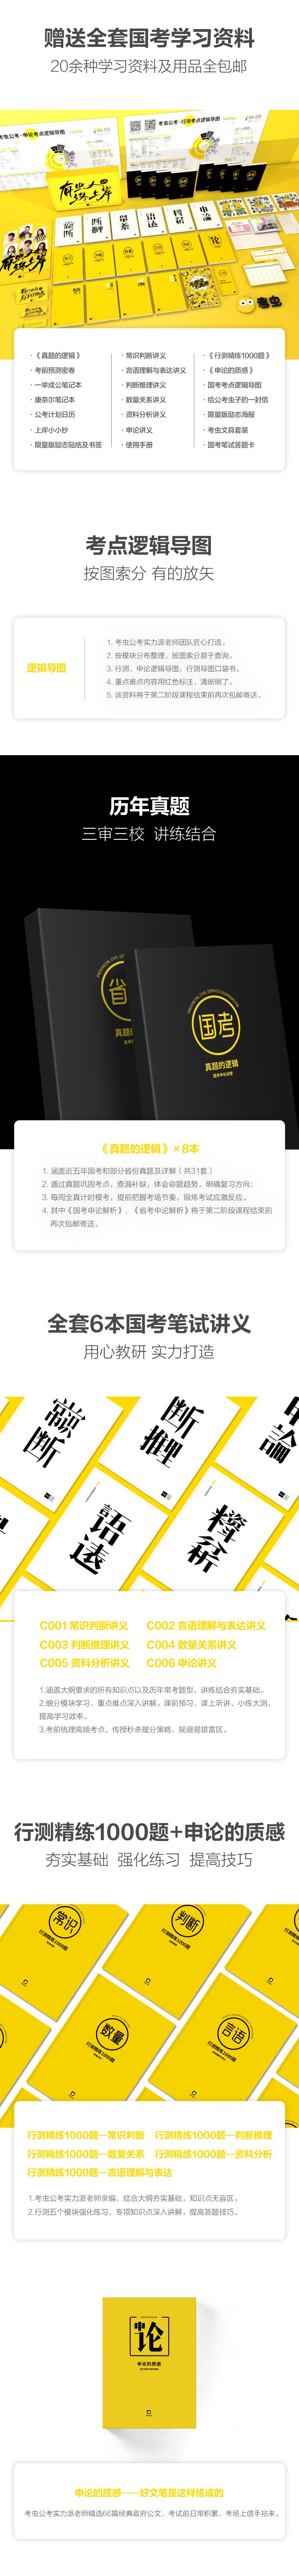 国考笔试系统班-2.jpg